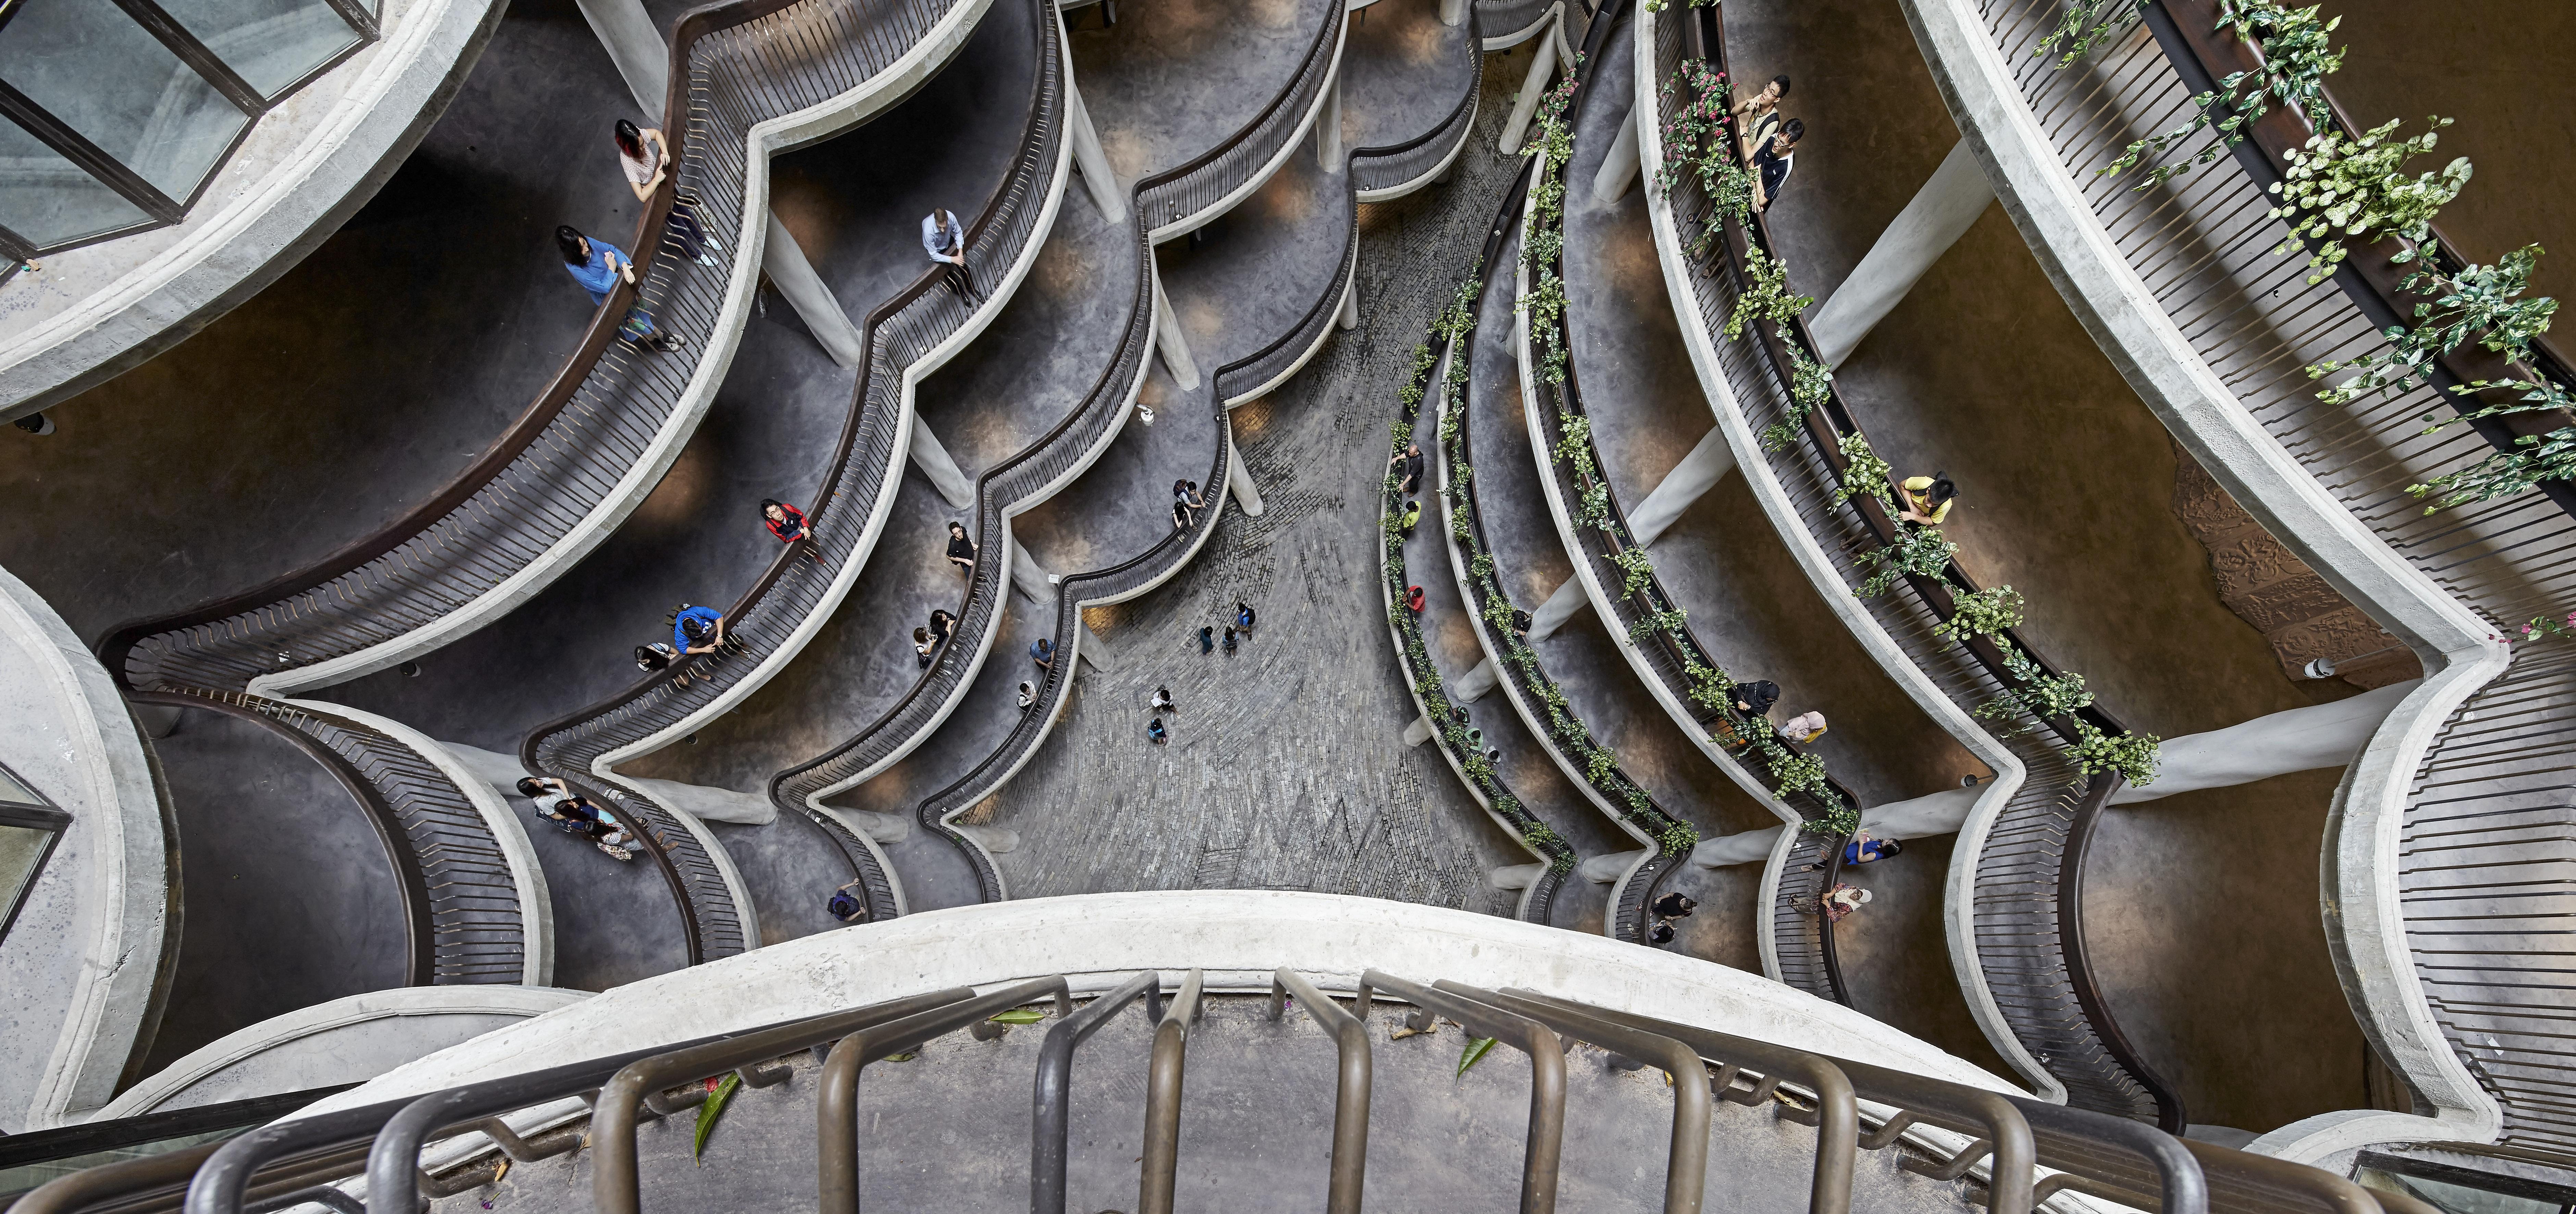 〔안정원의 건축 칼럼〕 열대기후에 적합한 맥락적인 건축, 신개념 교육환경 2